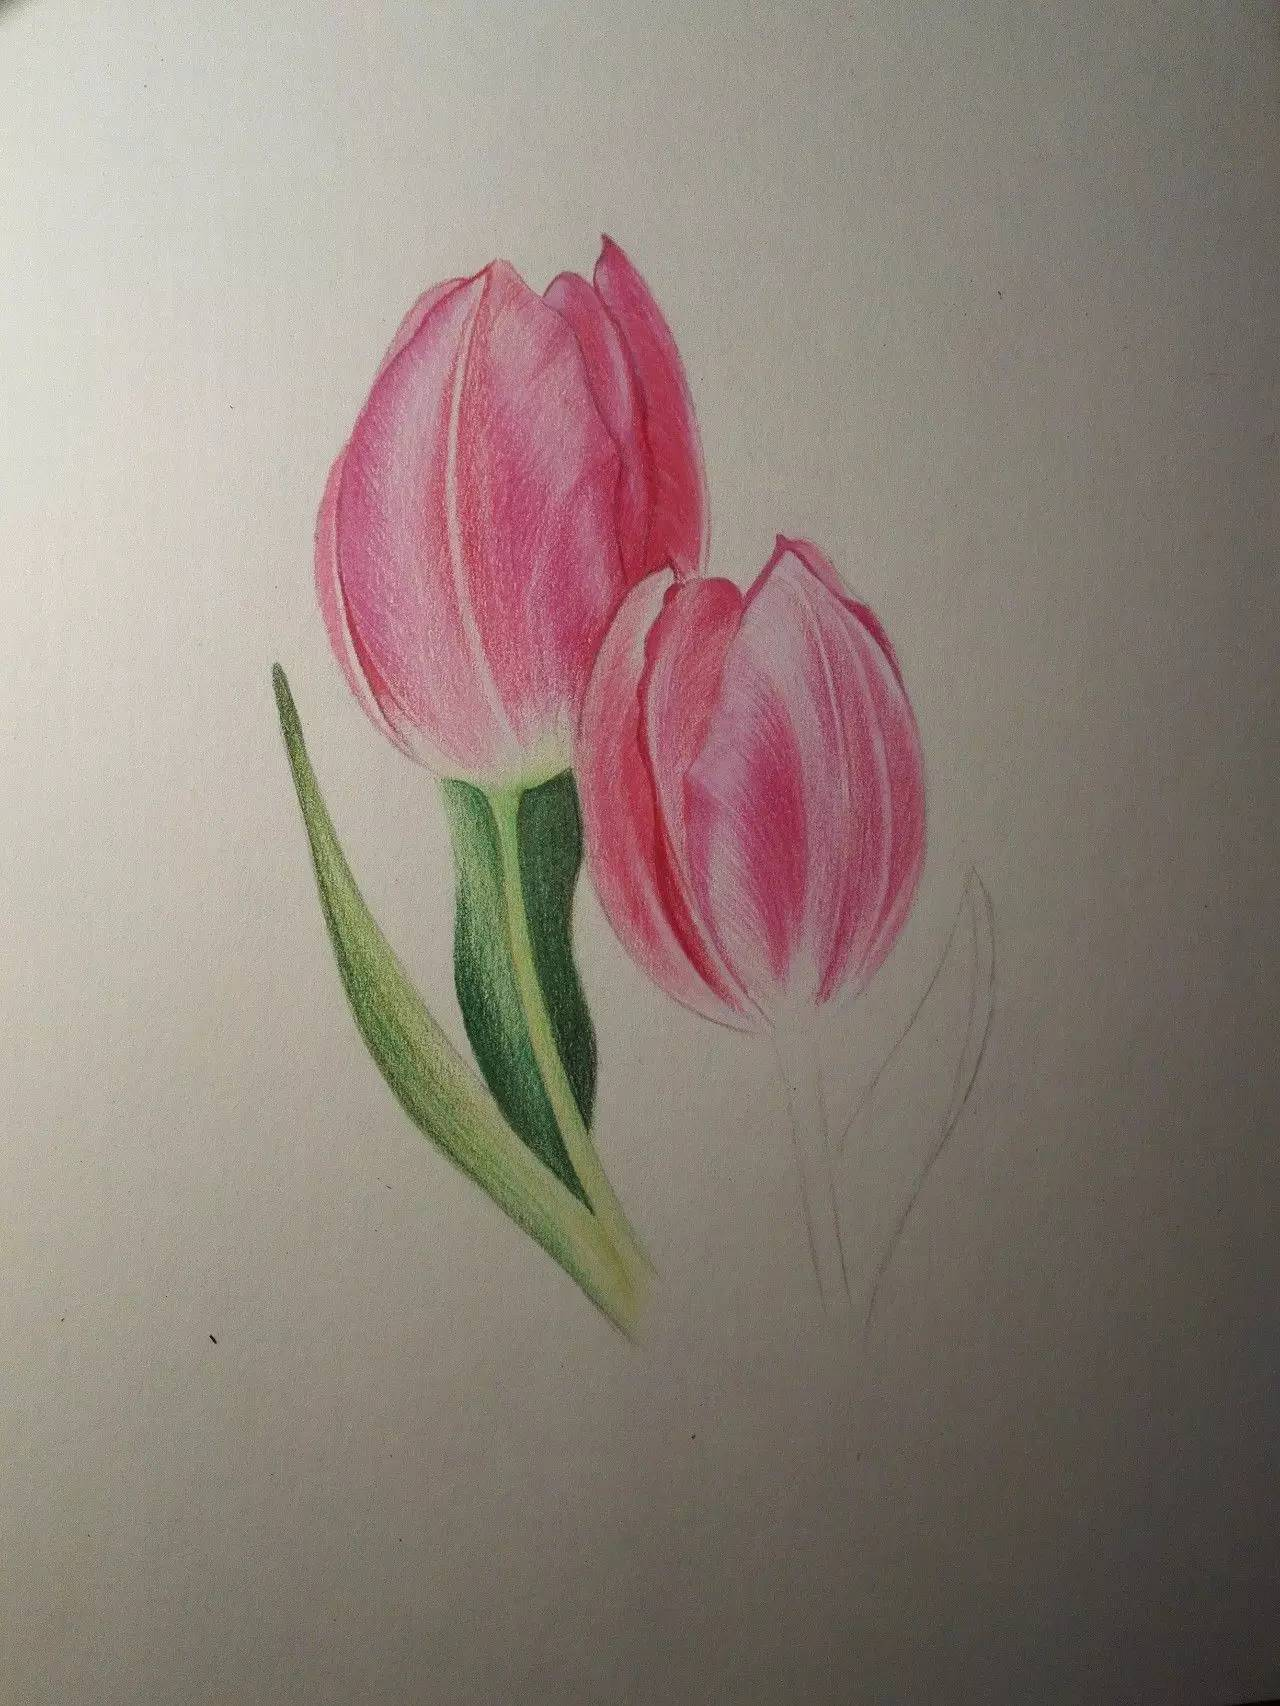 彩铅教程 | 粉色郁金香